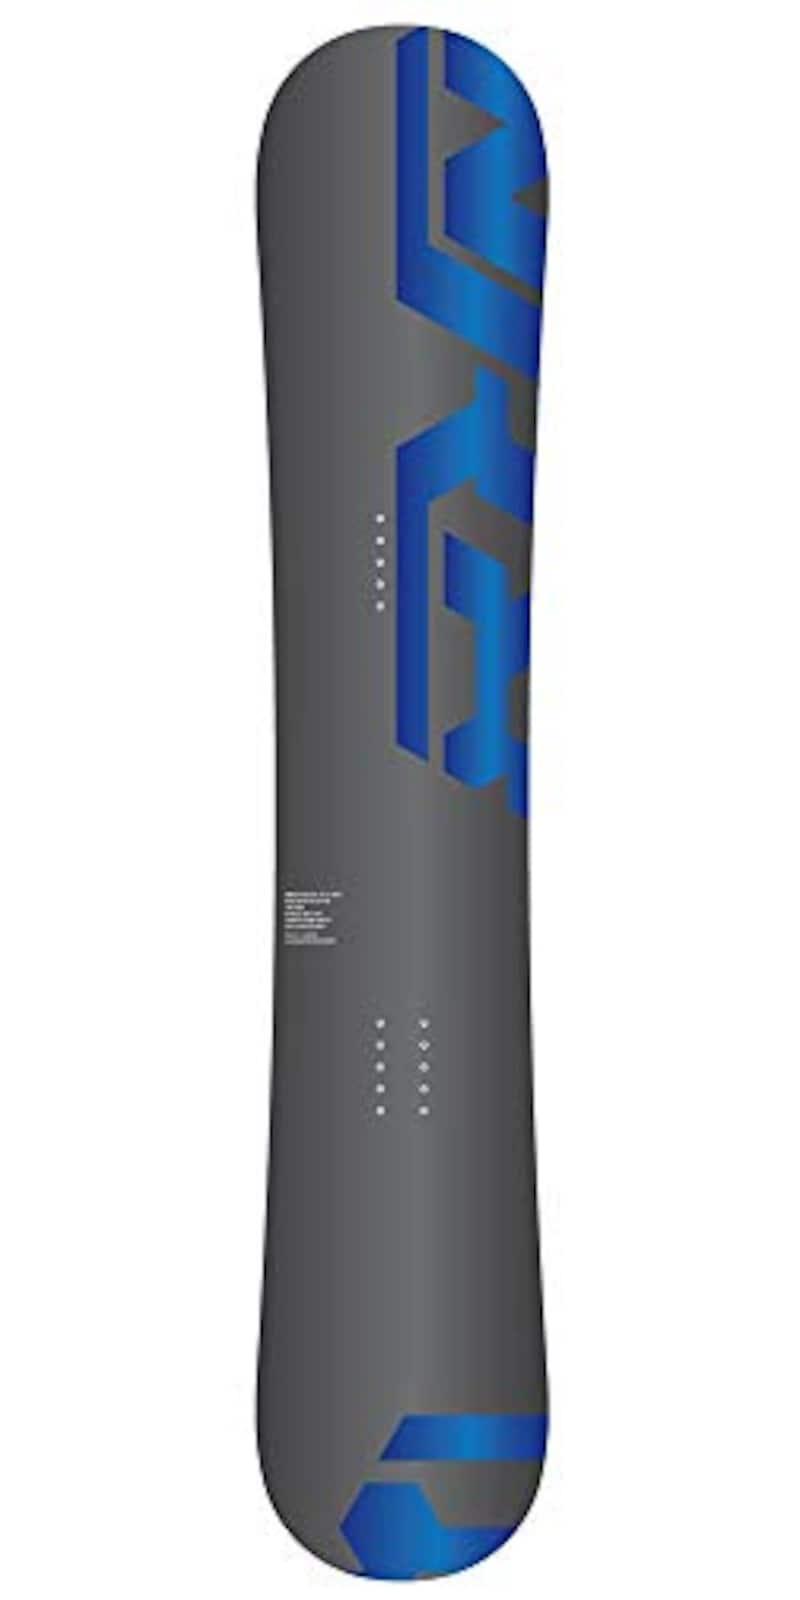 RICE28,WRX Mk-S マークエス,20-21 WRX Mk-S